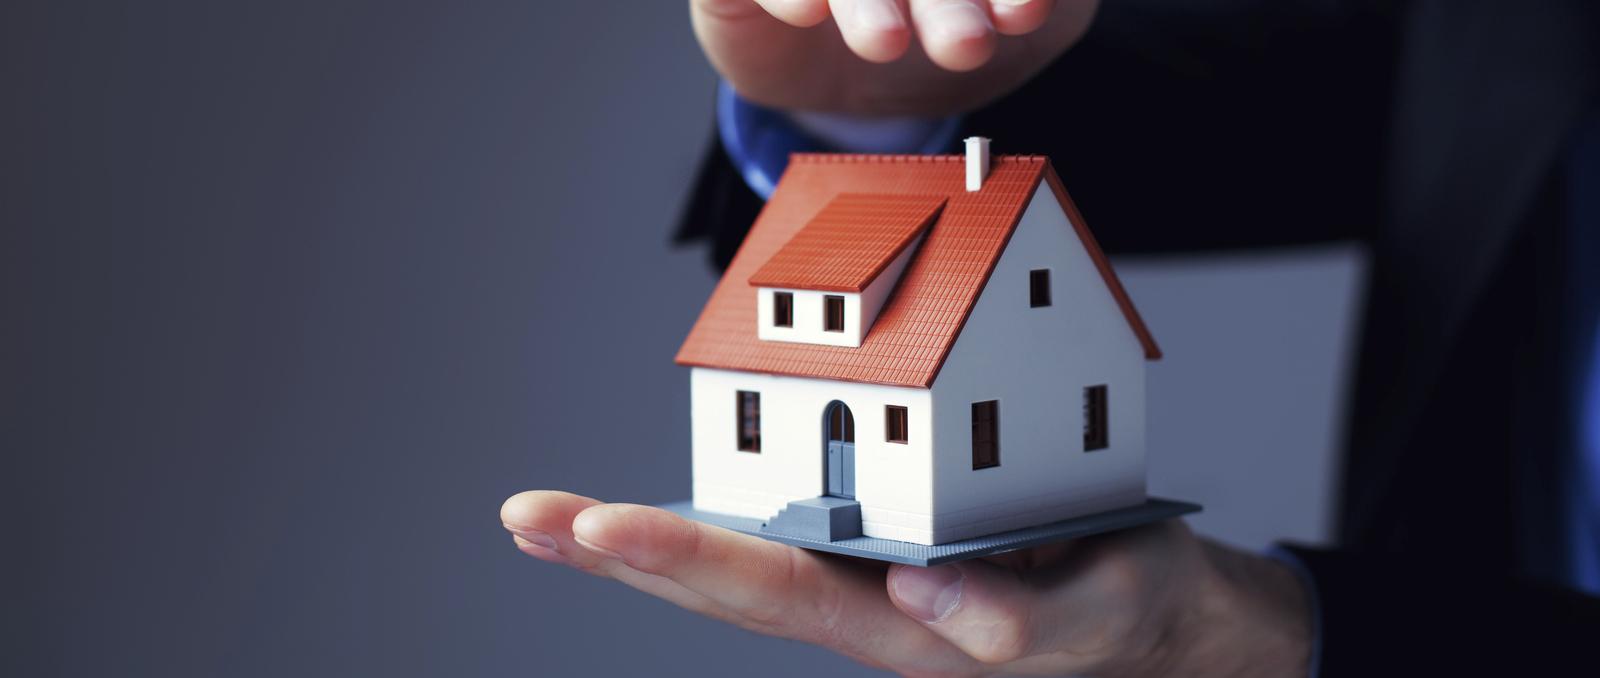 Cómo resguardar su vivienda y hacer valer los seguros frente a un terremoto